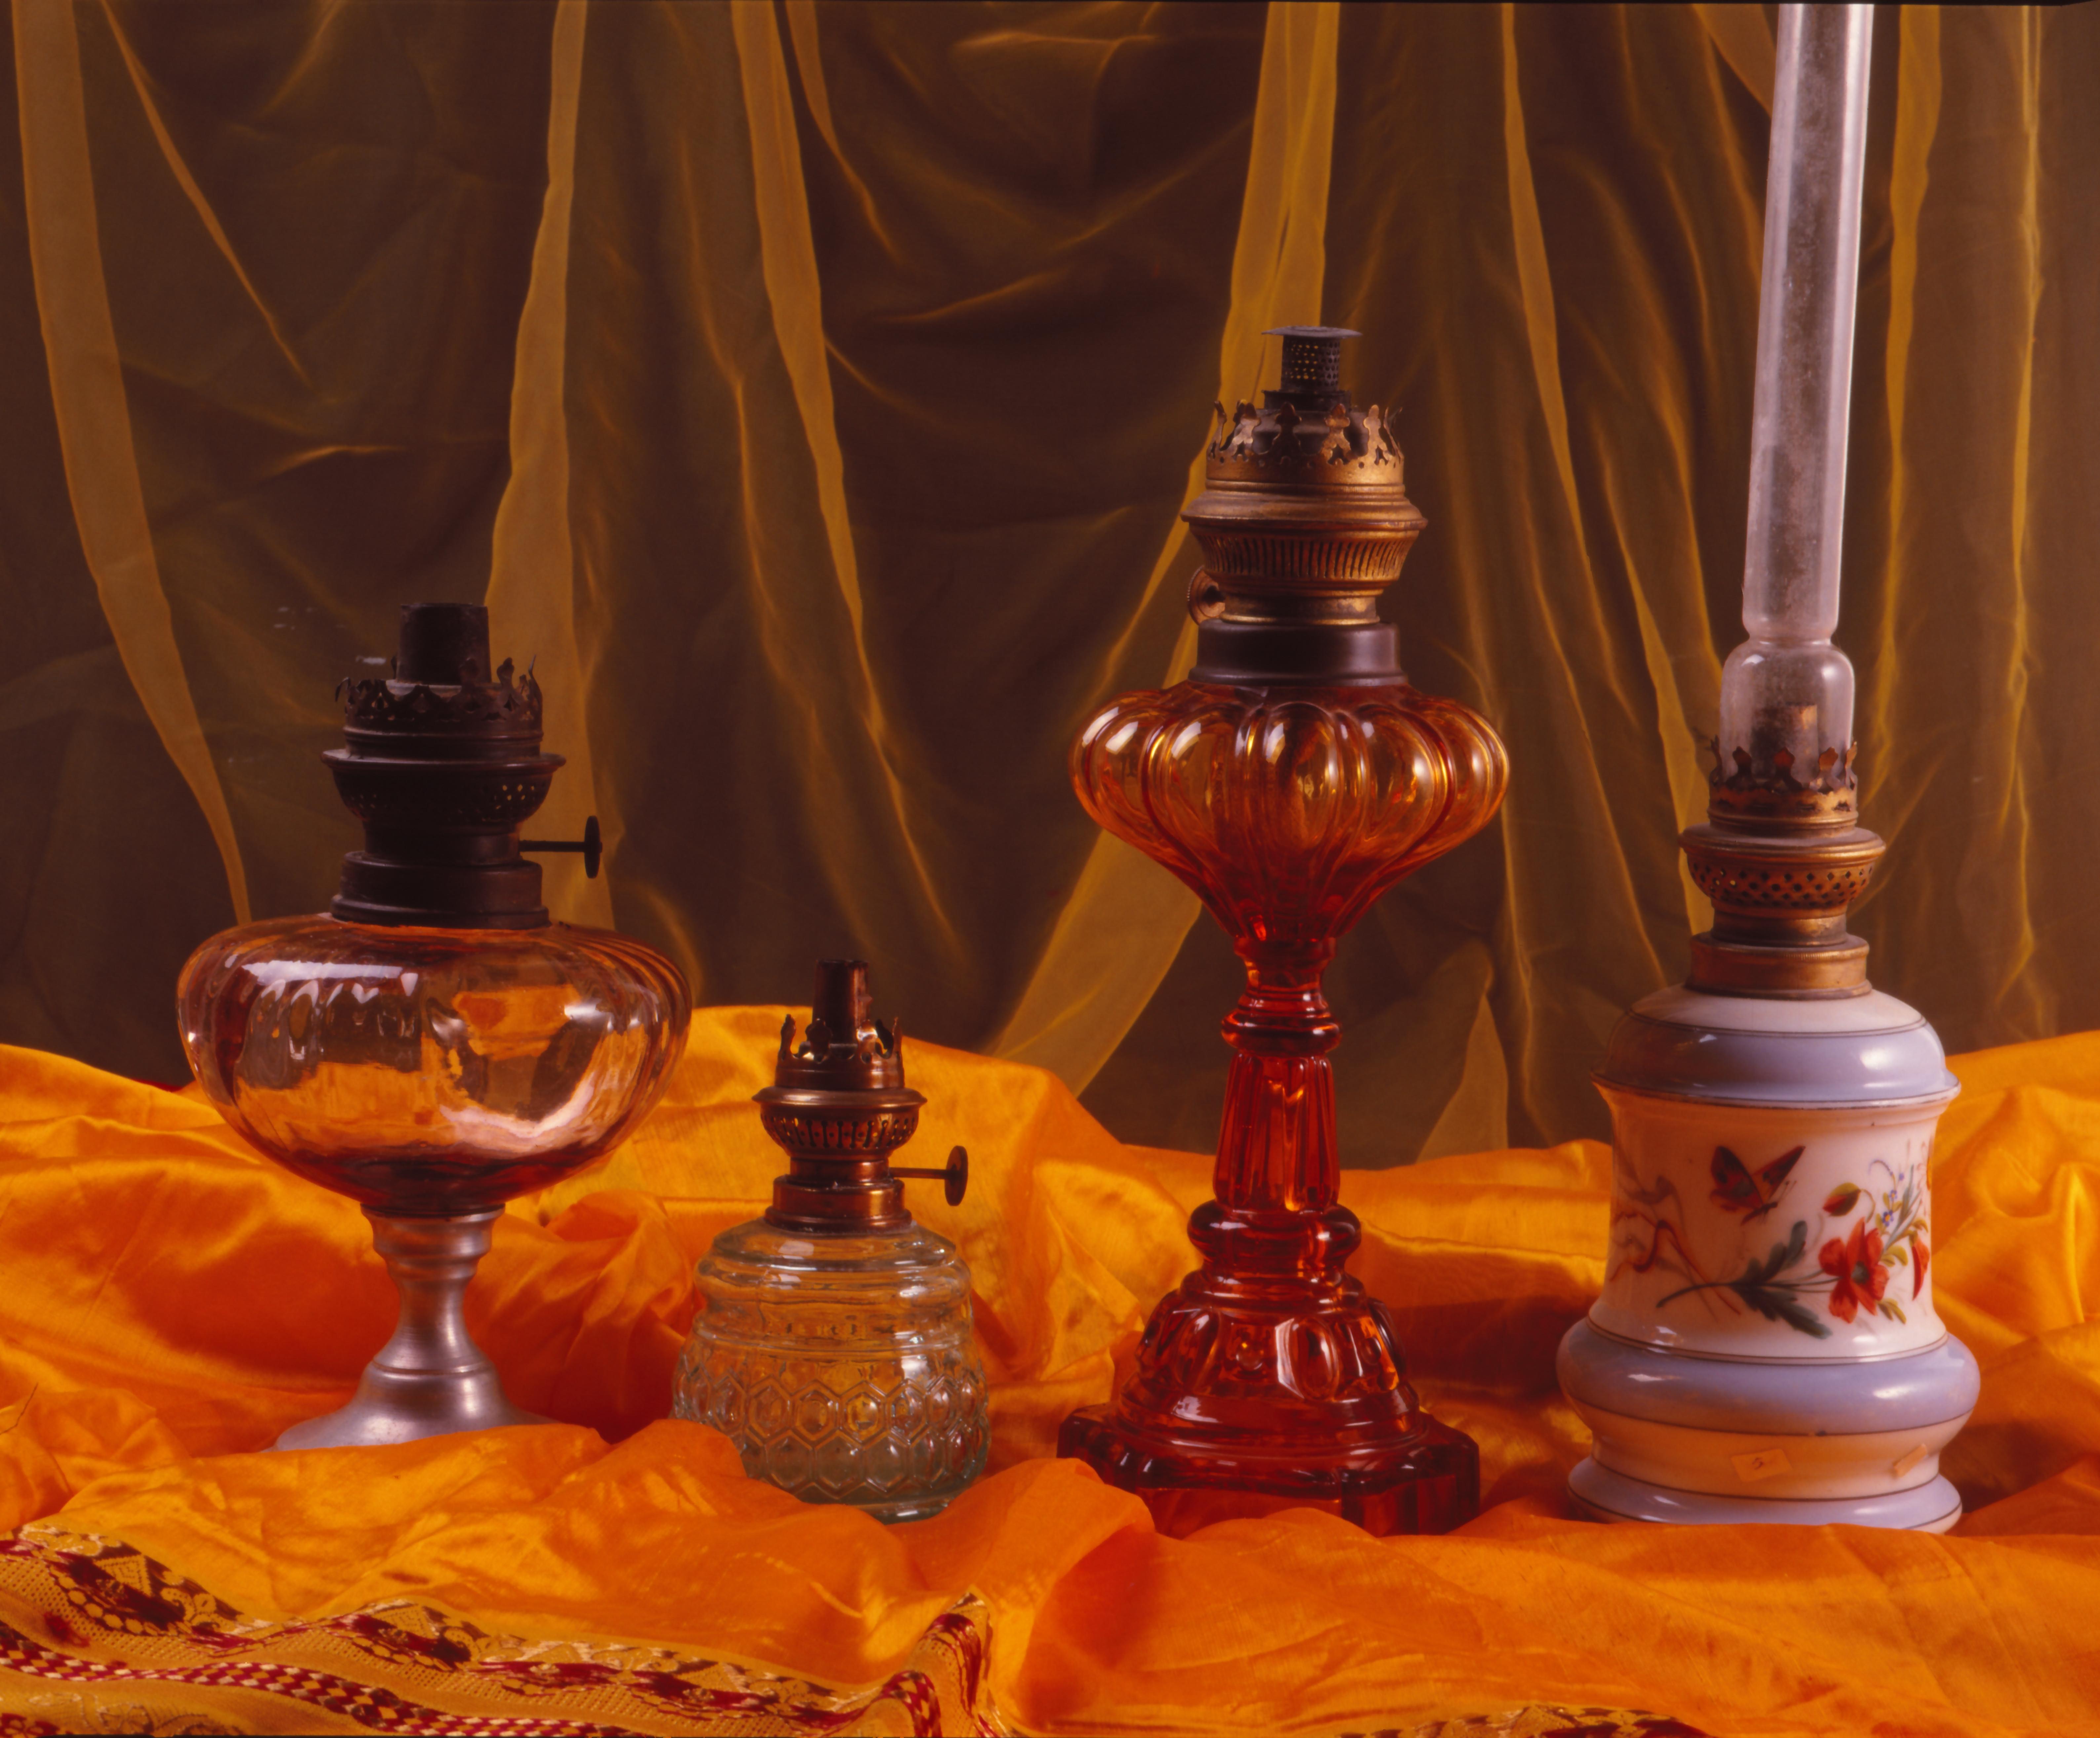 Immagini Belle : gioielli, oro, argento, quadri, natura morta, la ...